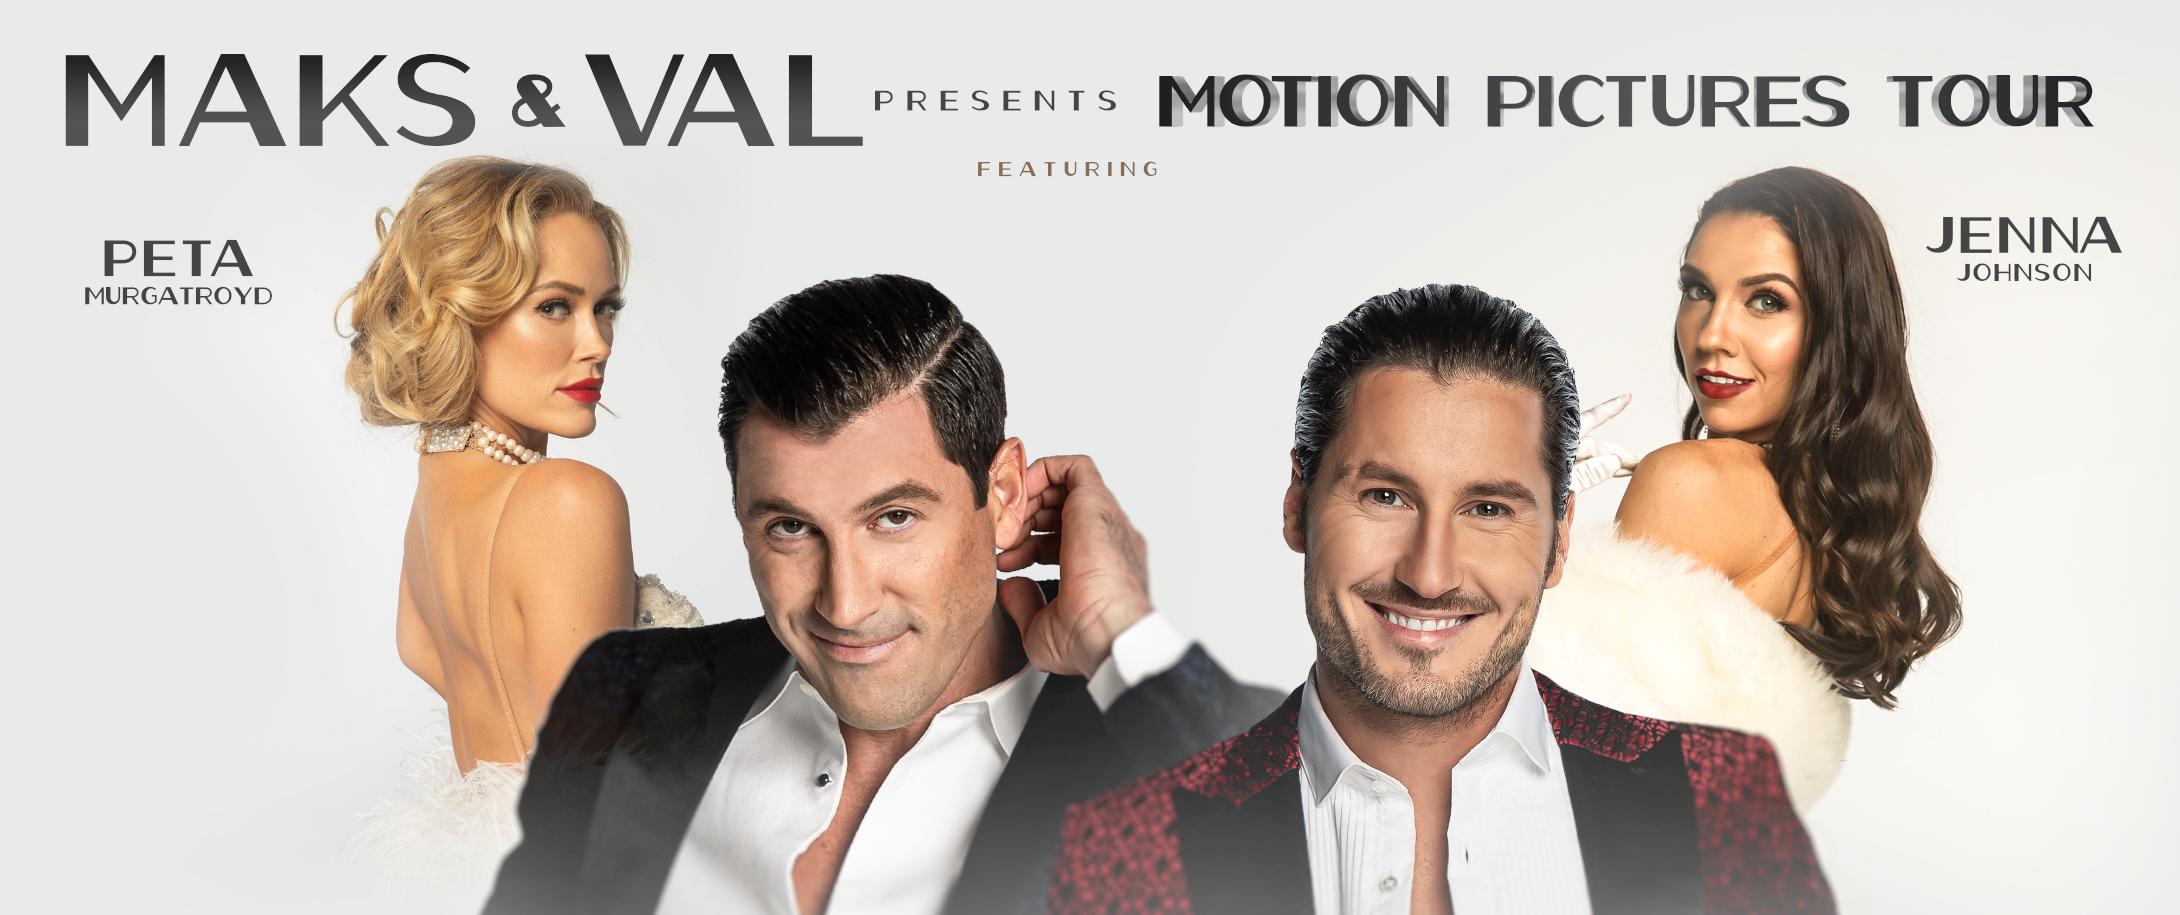 Maks & Val Live: Motion Pictures Tour